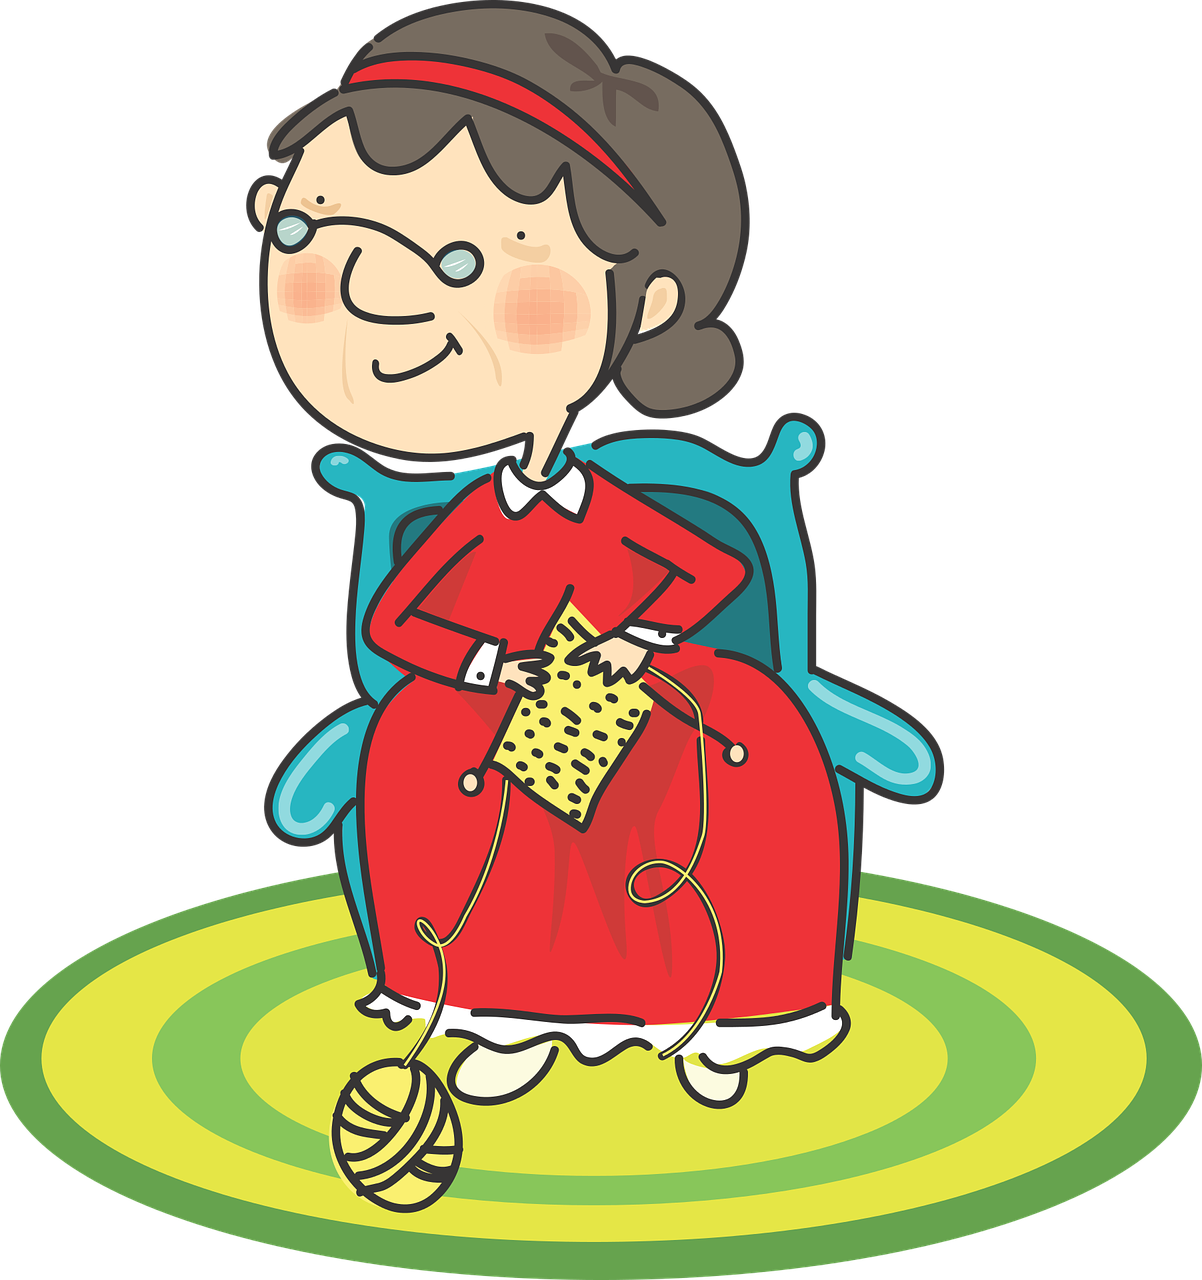 """Imagem de <a href=""""https://pixabay.com/pt/users/eommina-1183101/?utm_source=link-attribution&amp;utm_medium=referral&amp;utm_campaign=image&amp;utm_content=1989145"""">eommina</a> por <a href=""""https://pixabay.com/pt/?utm_source=link-attribution&amp;utm_medium=referral&amp;utm_campaign=image&amp;utm_content=1989145"""">Pixabay</a>"""